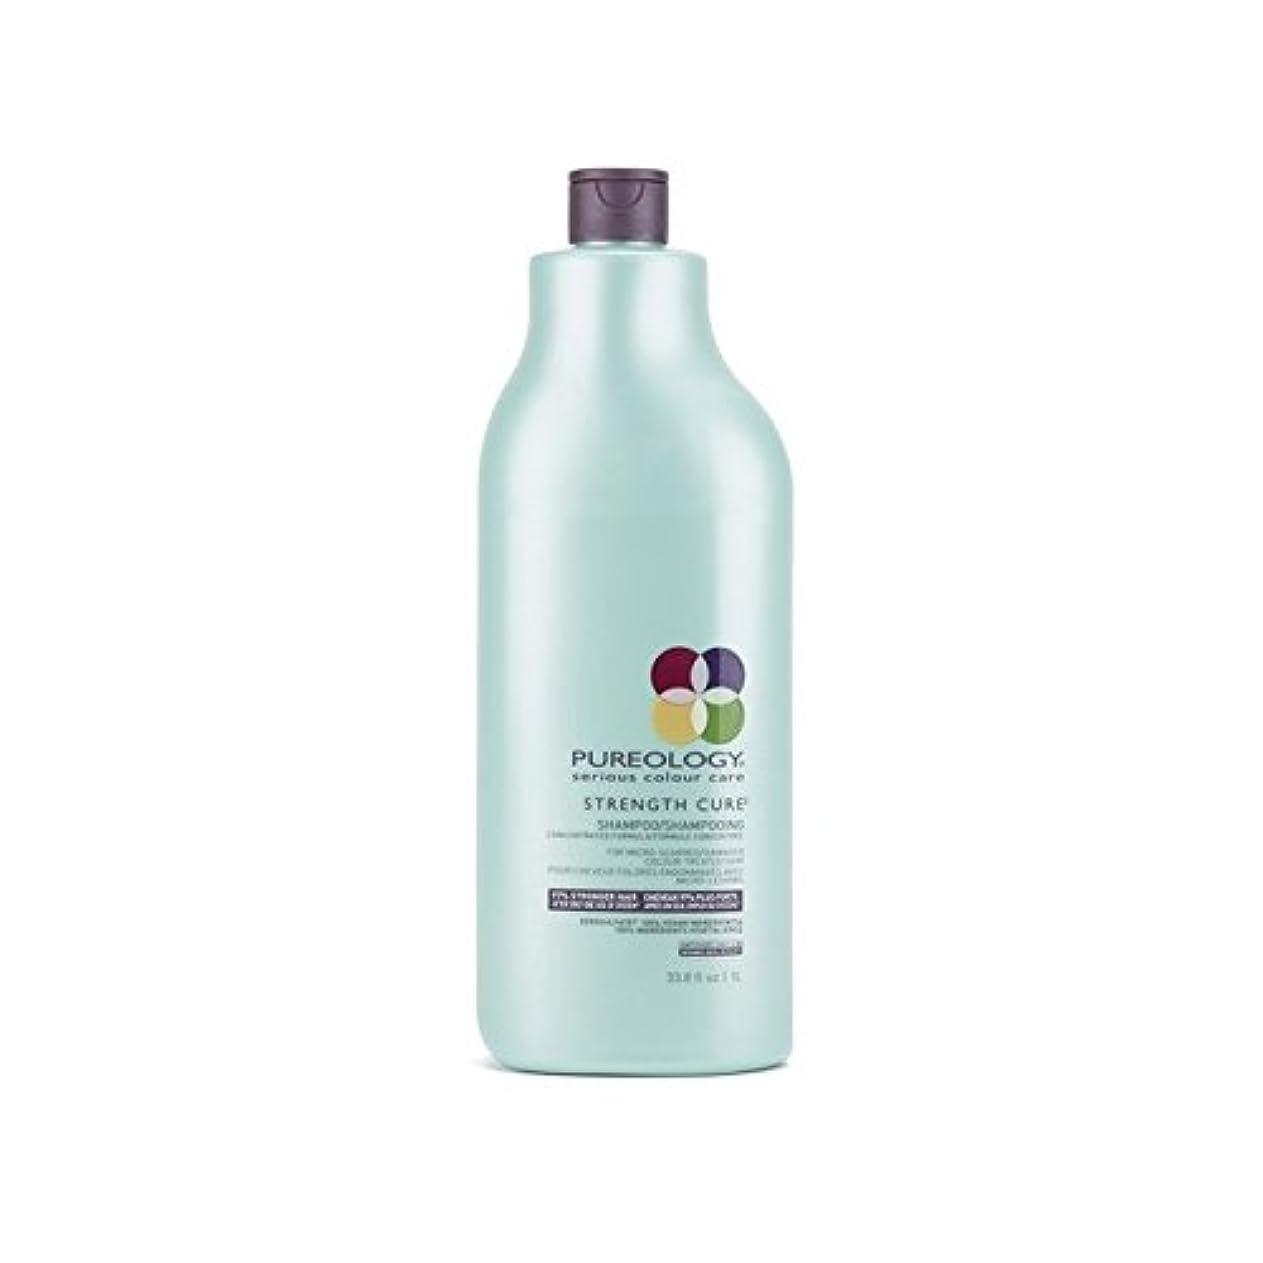 提案コレクション飢えたPureology Strength Cure Shampoo (1000ml) - 強度硬化シャンプー(千ミリリットル) [並行輸入品]